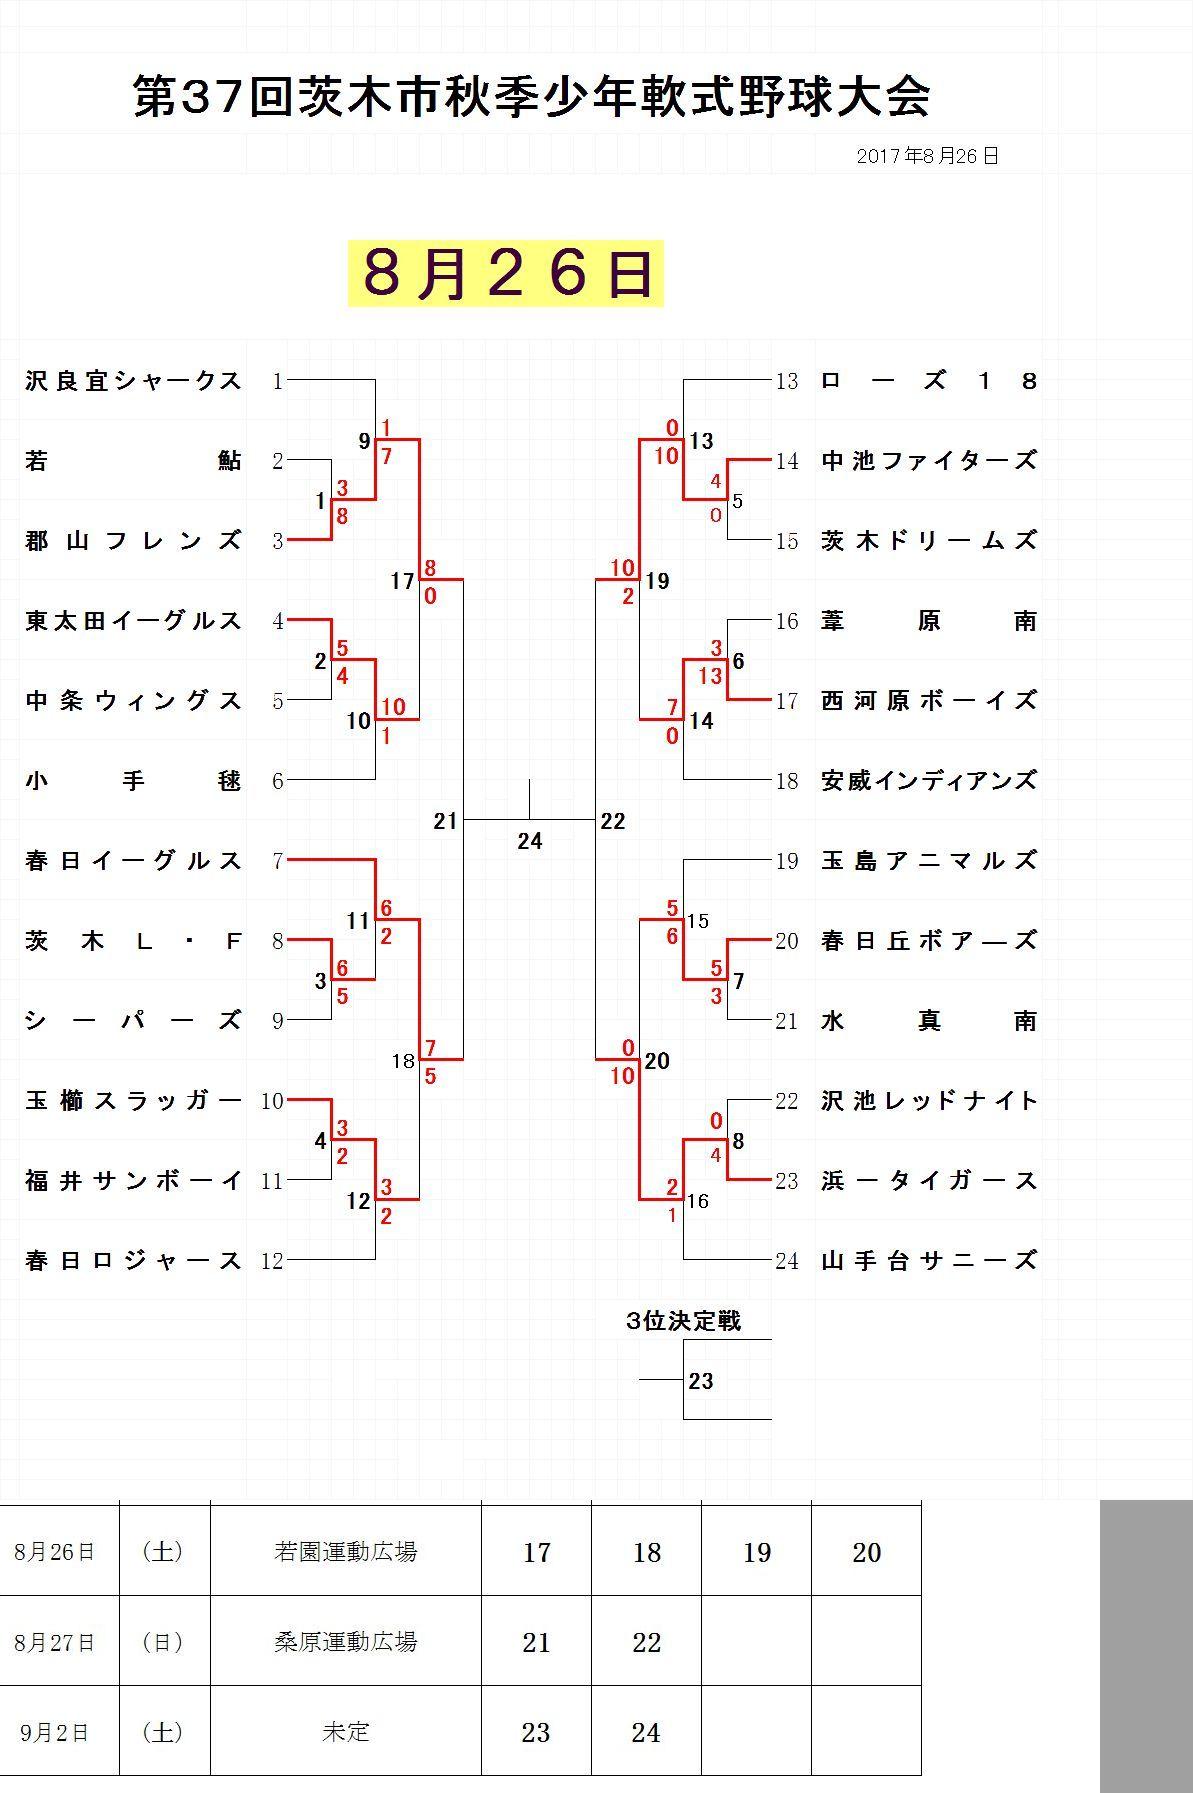 8月26日試合結果 学童秋季大会